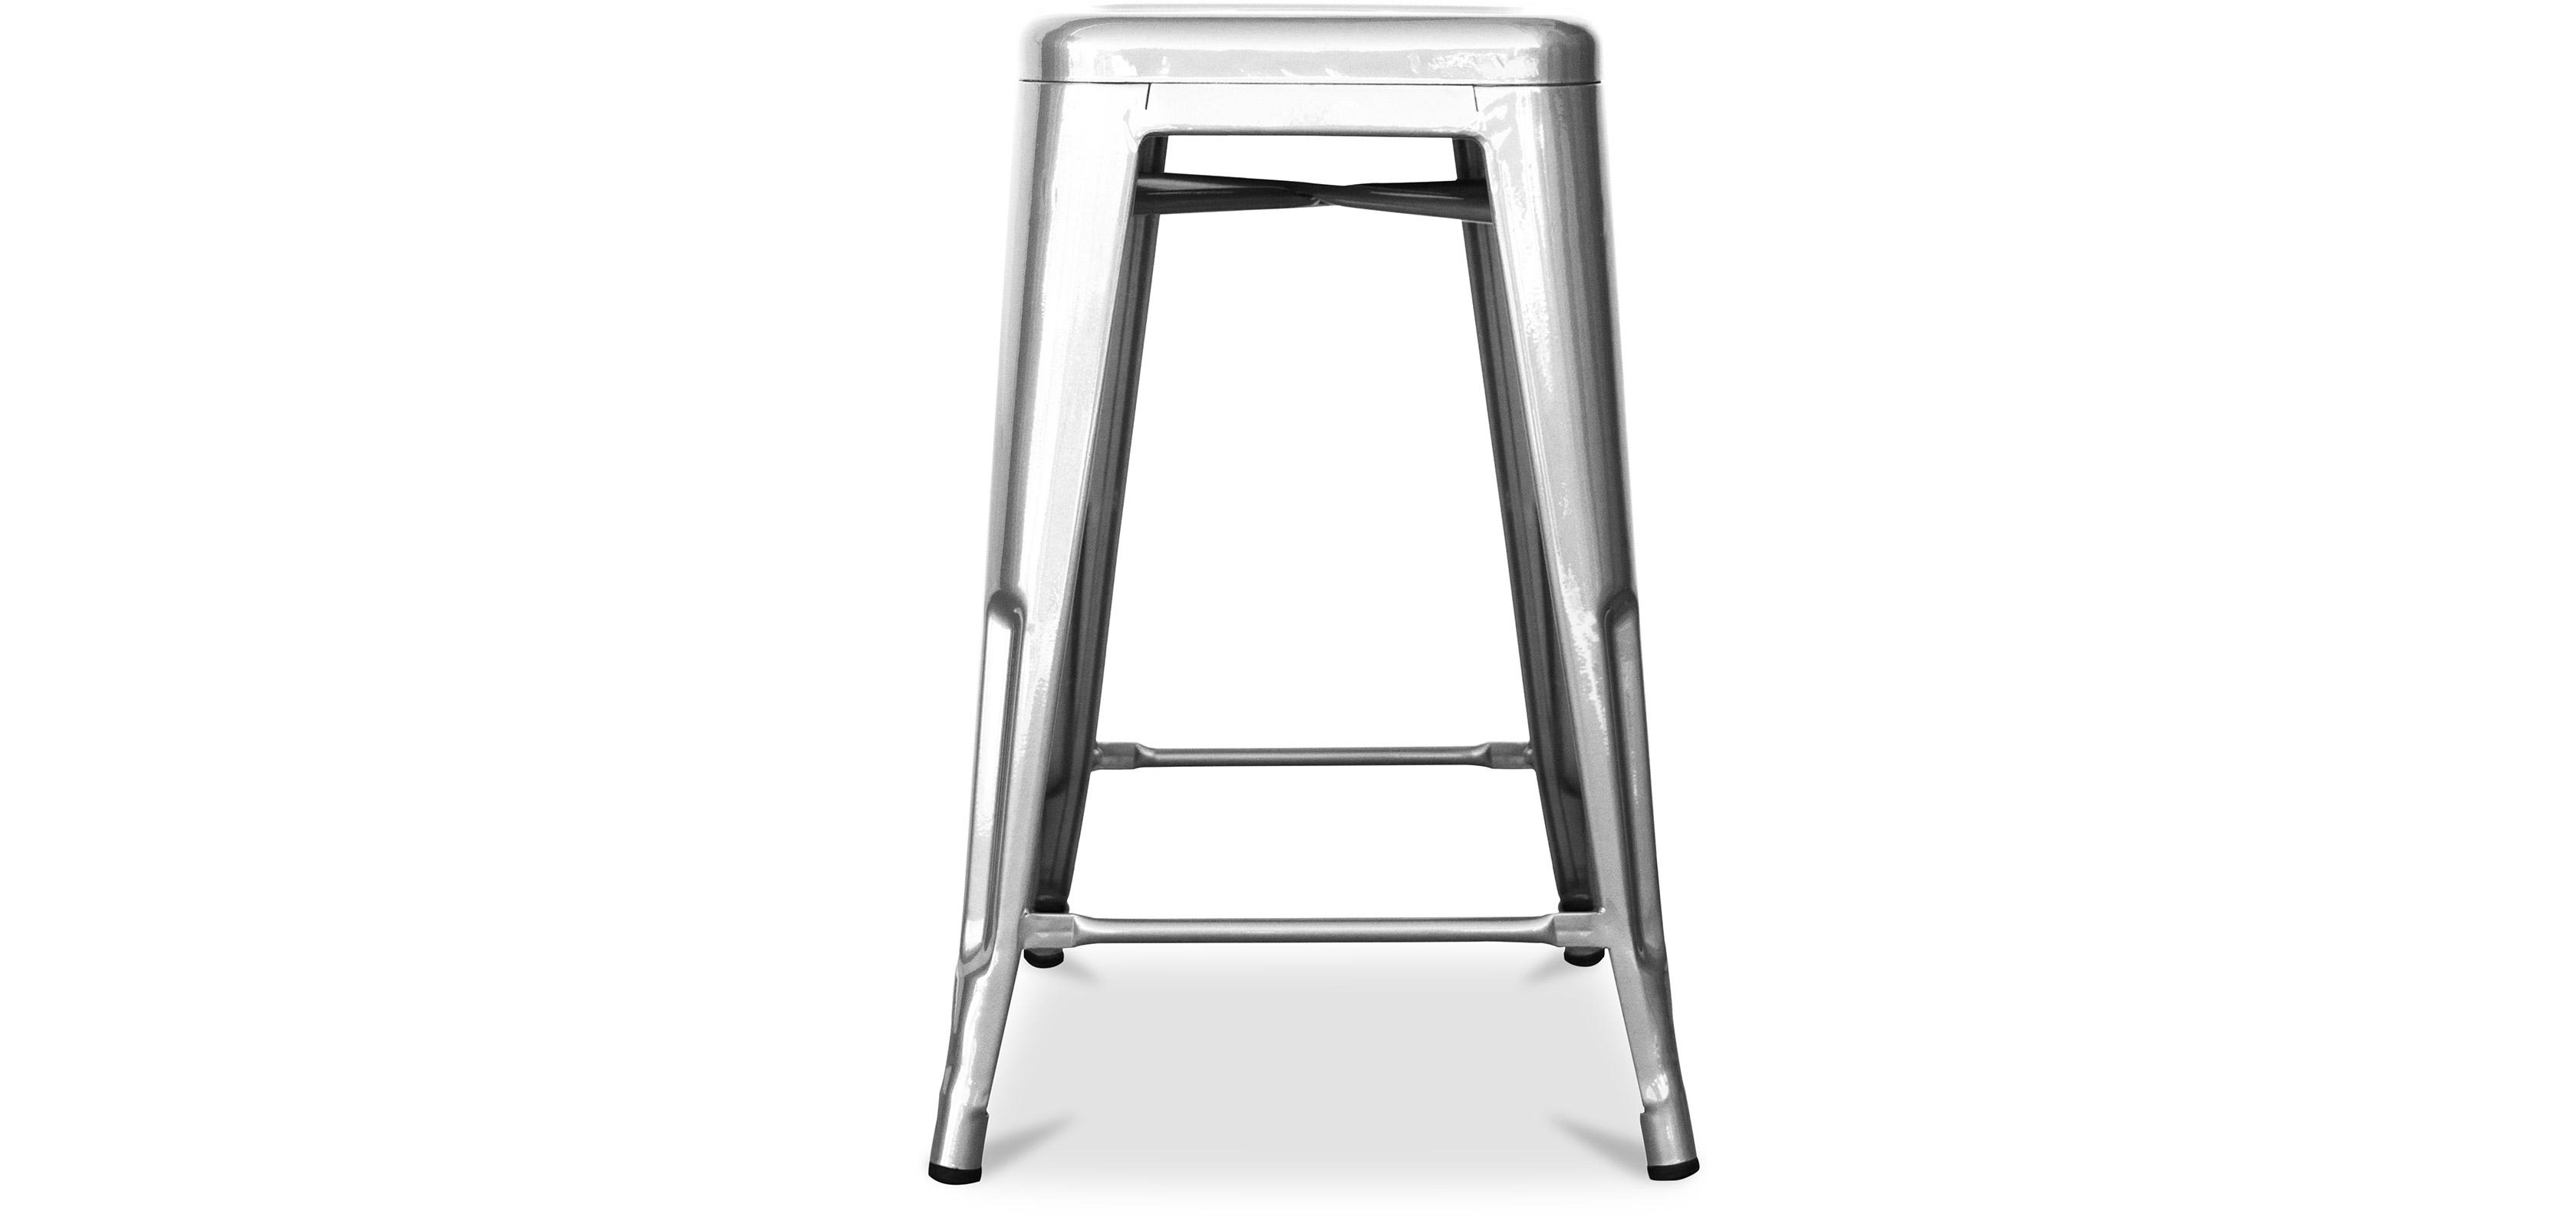 Tolix Hocker 60cm Xavier Pauchard Style - Chrom Metall